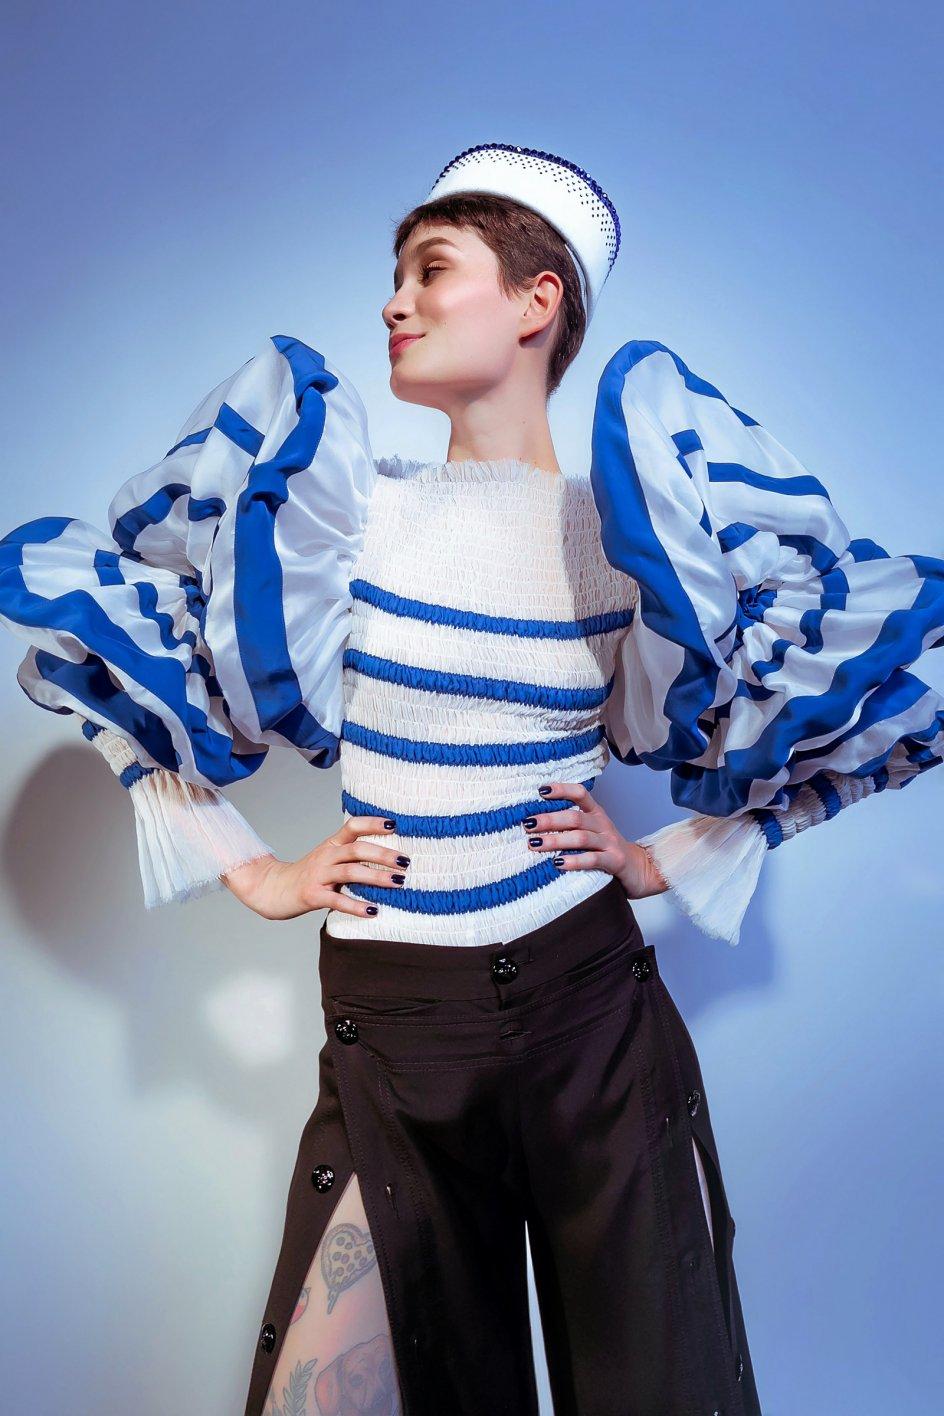 Den franske modeskaber Jean Paul Gaultier har gennem tiden benyttet sømandsstriberne i sine designs. Her er det et haute couturesæt fra designerens 50-årsjubilæum. – Foto: Anna Palermo/Elite Management Paris.